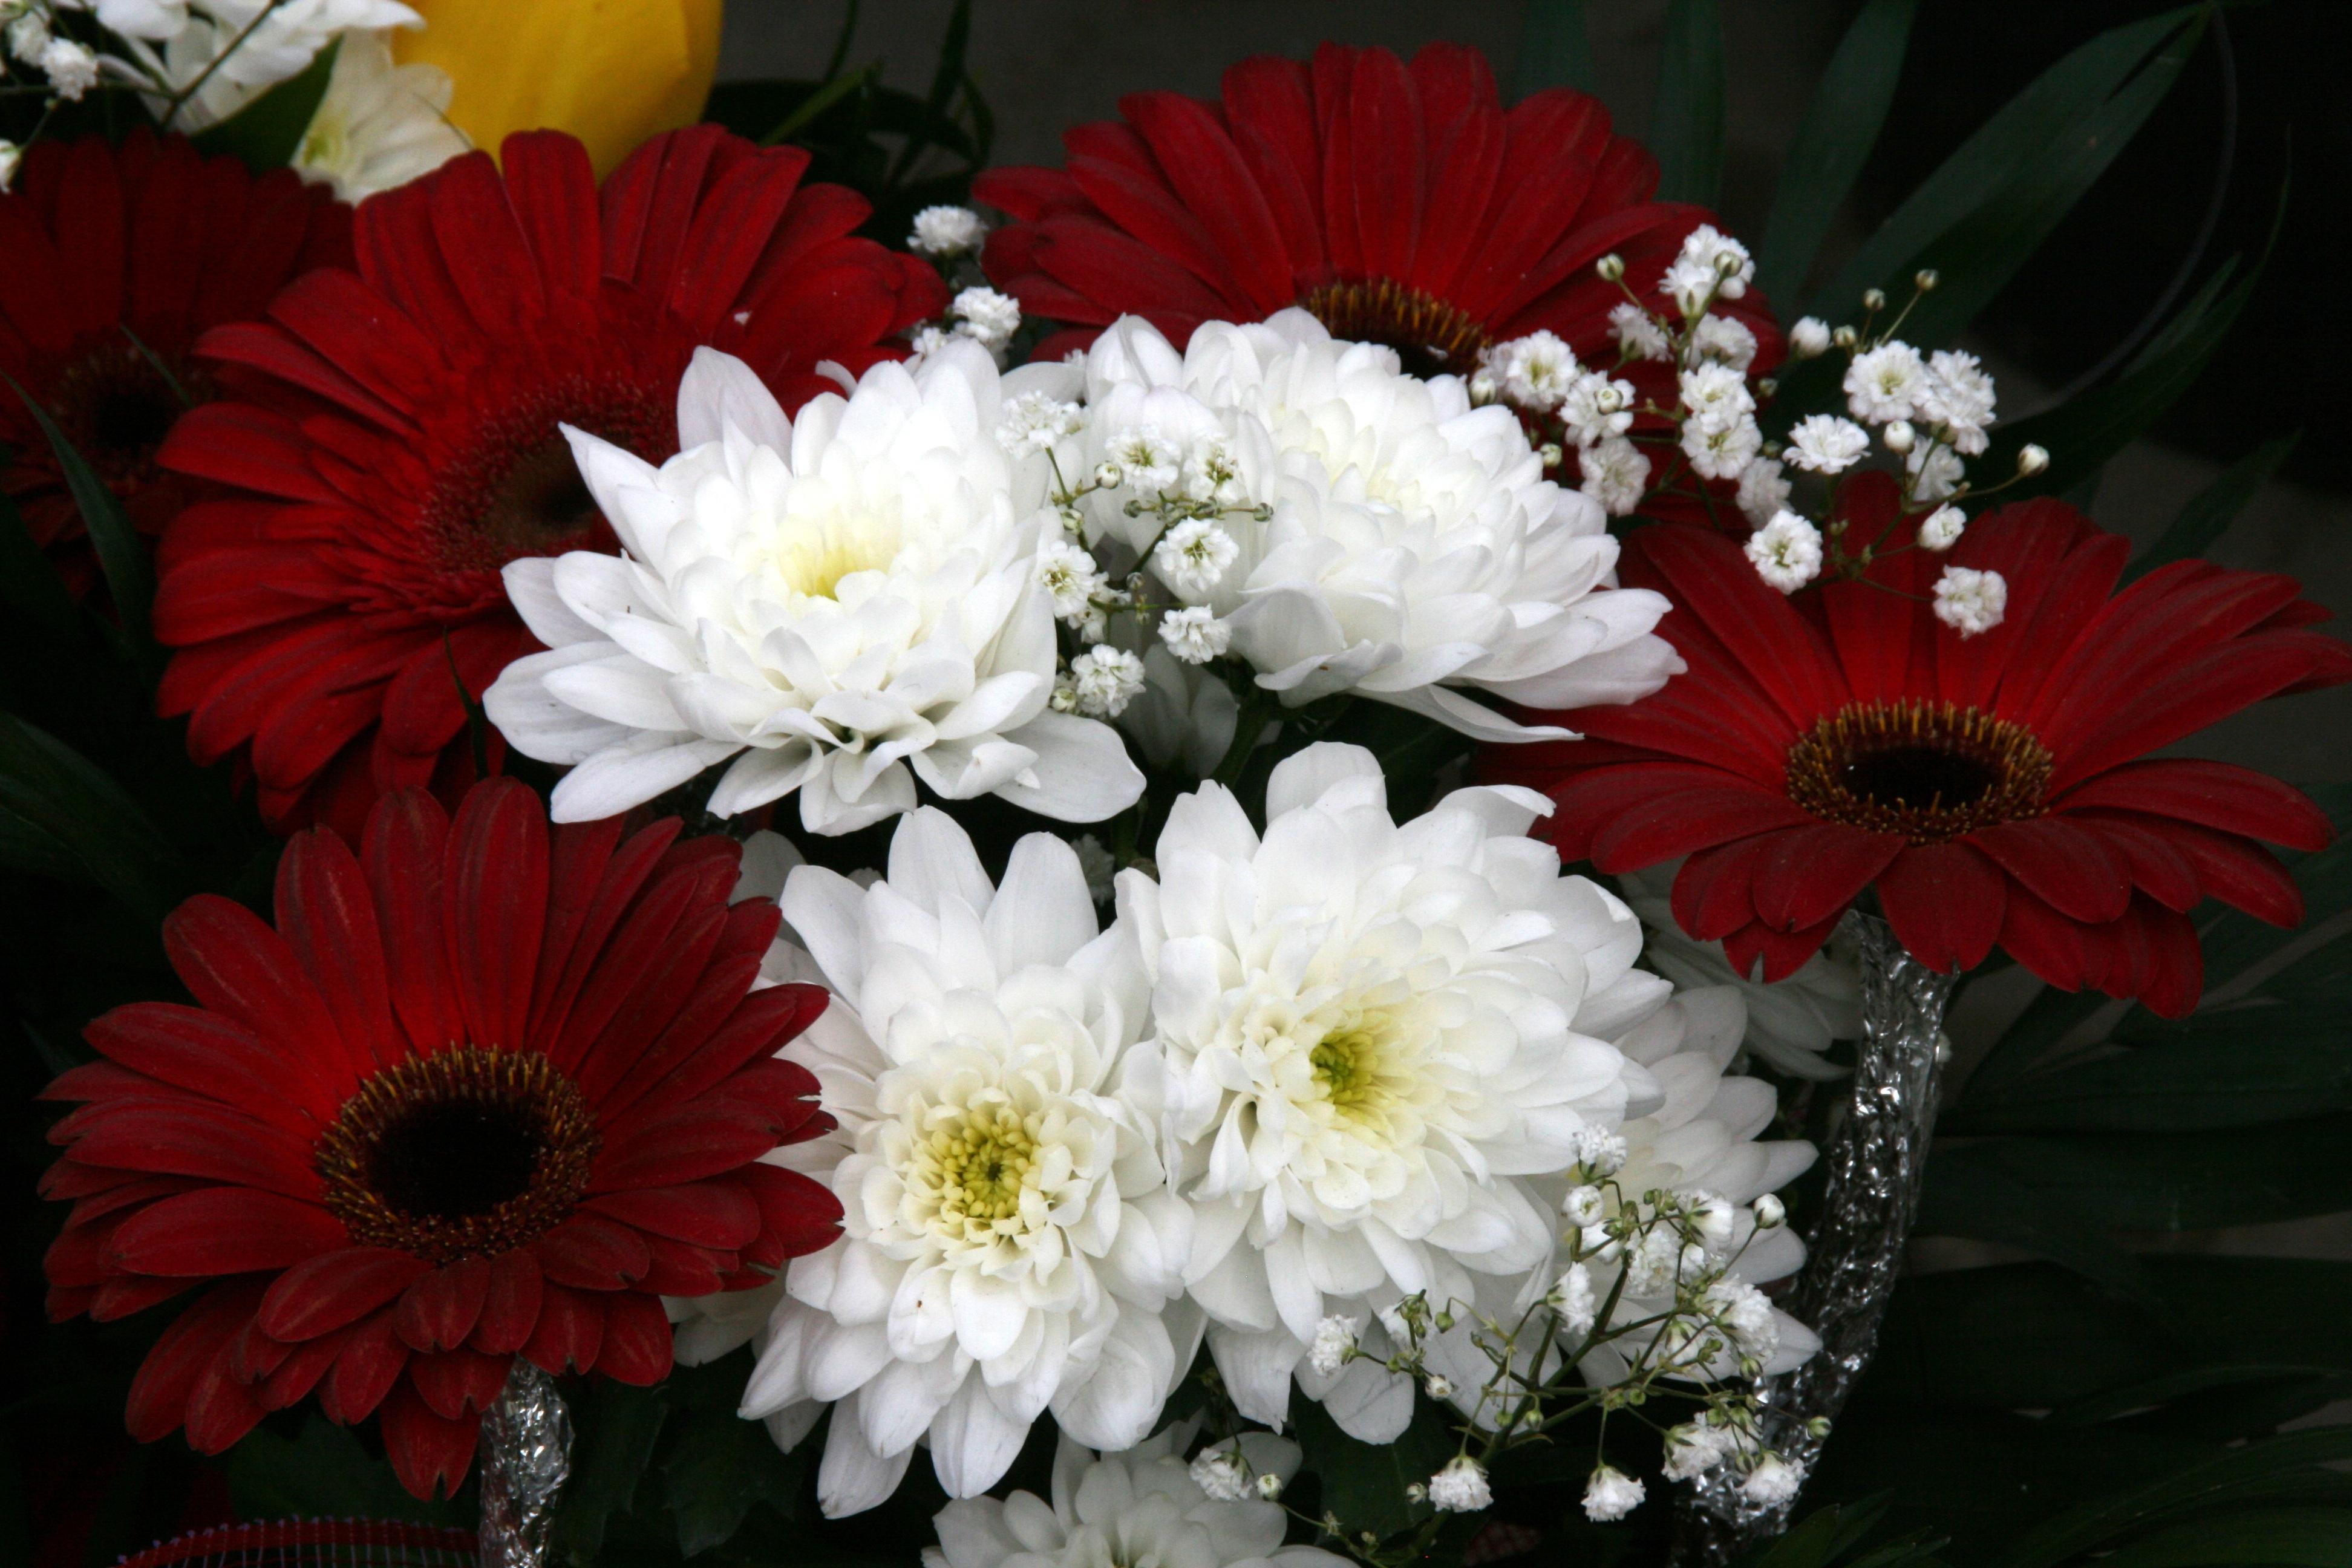 Fotoğraf çiçek Taçyaprağı Buket çiçekler Boyama Gerbera